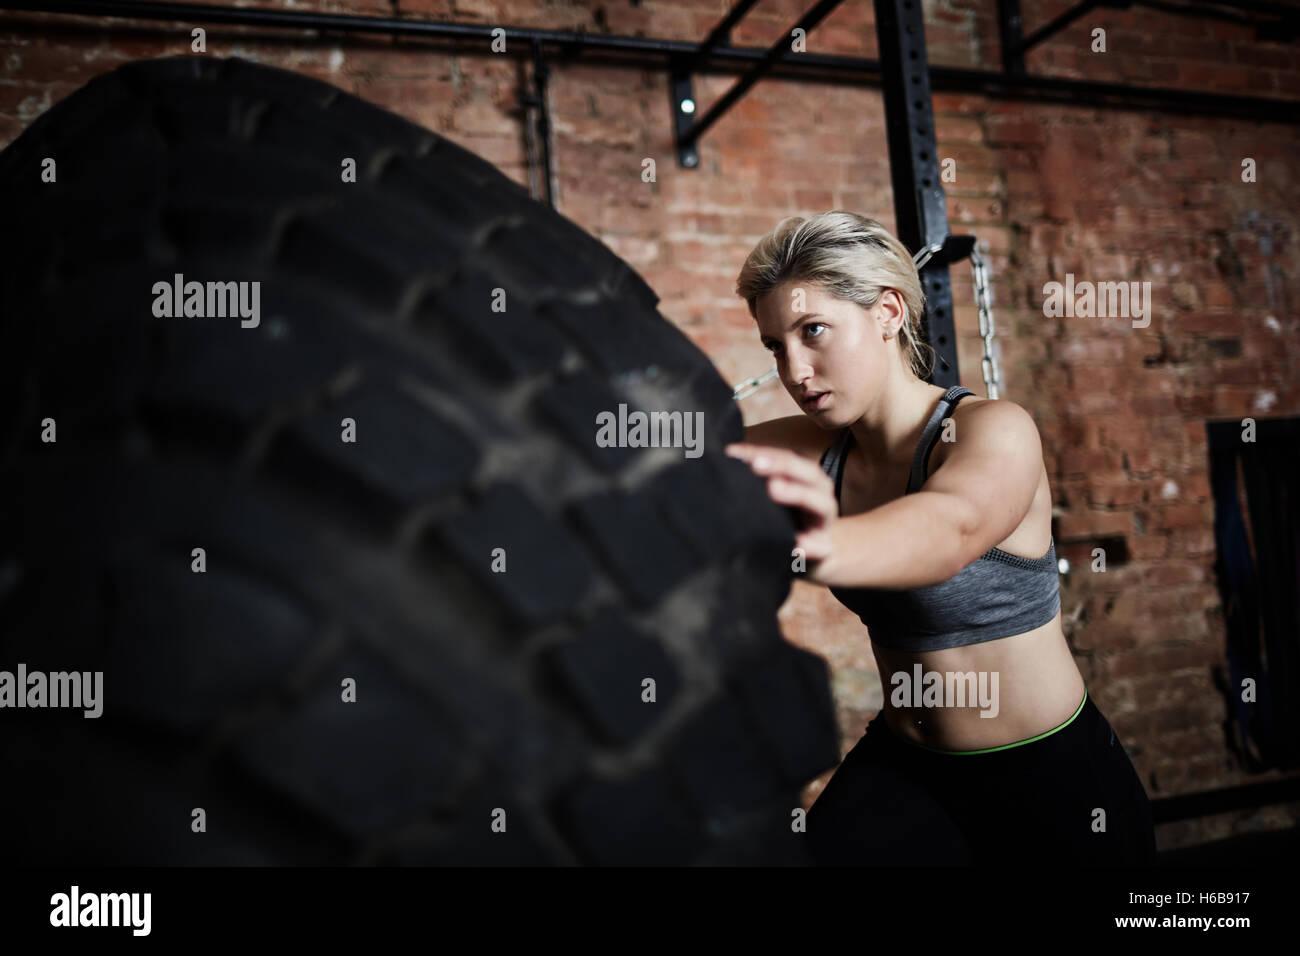 Esercizio con pneumatico Immagini Stock